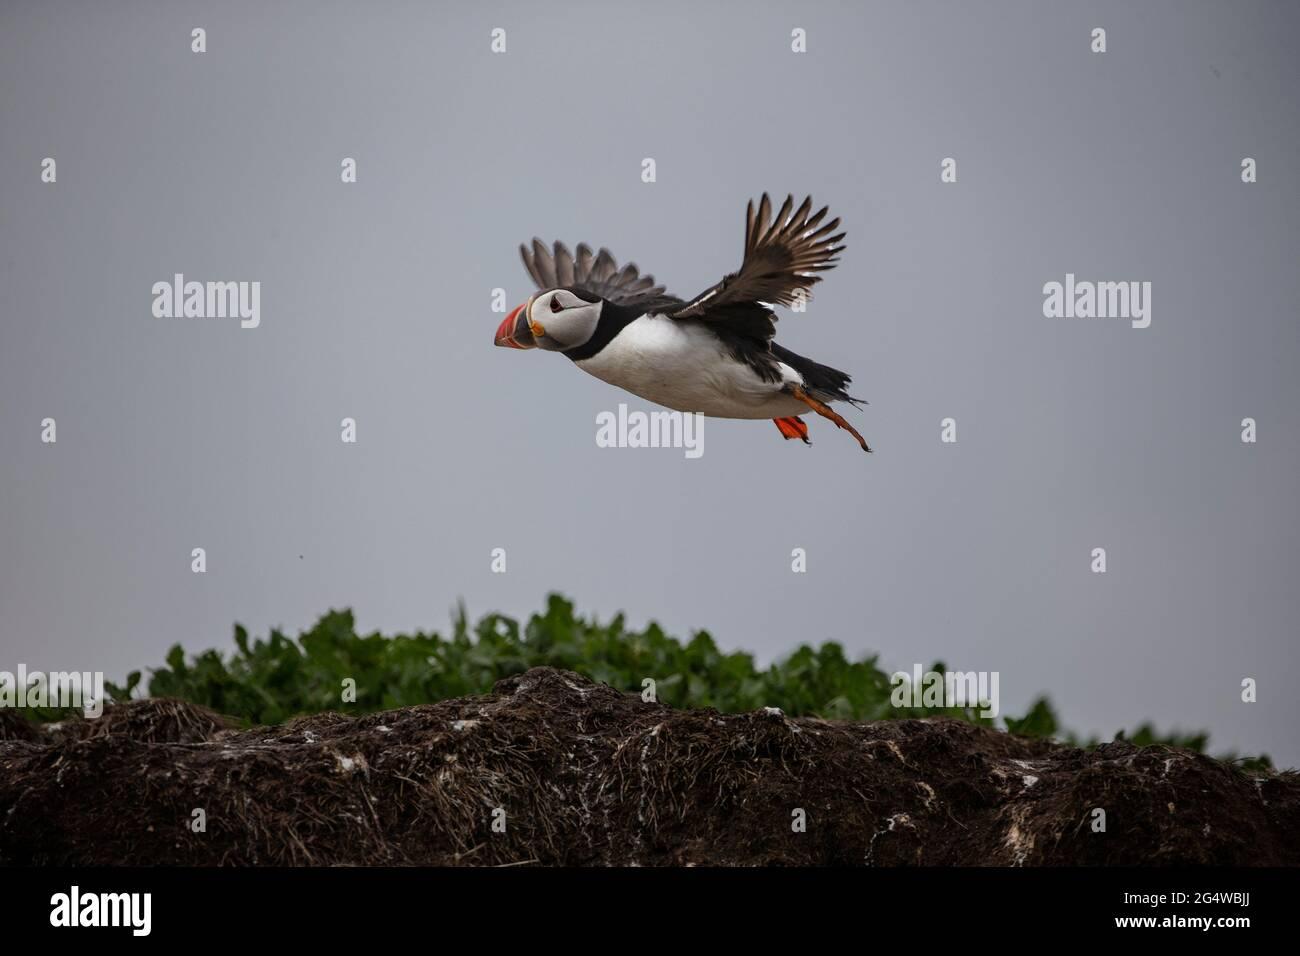 Puffin Atlantico Fratercla arctica che entra a terra sull'isola interna di Farne durante la stagione di riproduzione in Northumberland, Inghilterra Regno Unito Foto Stock